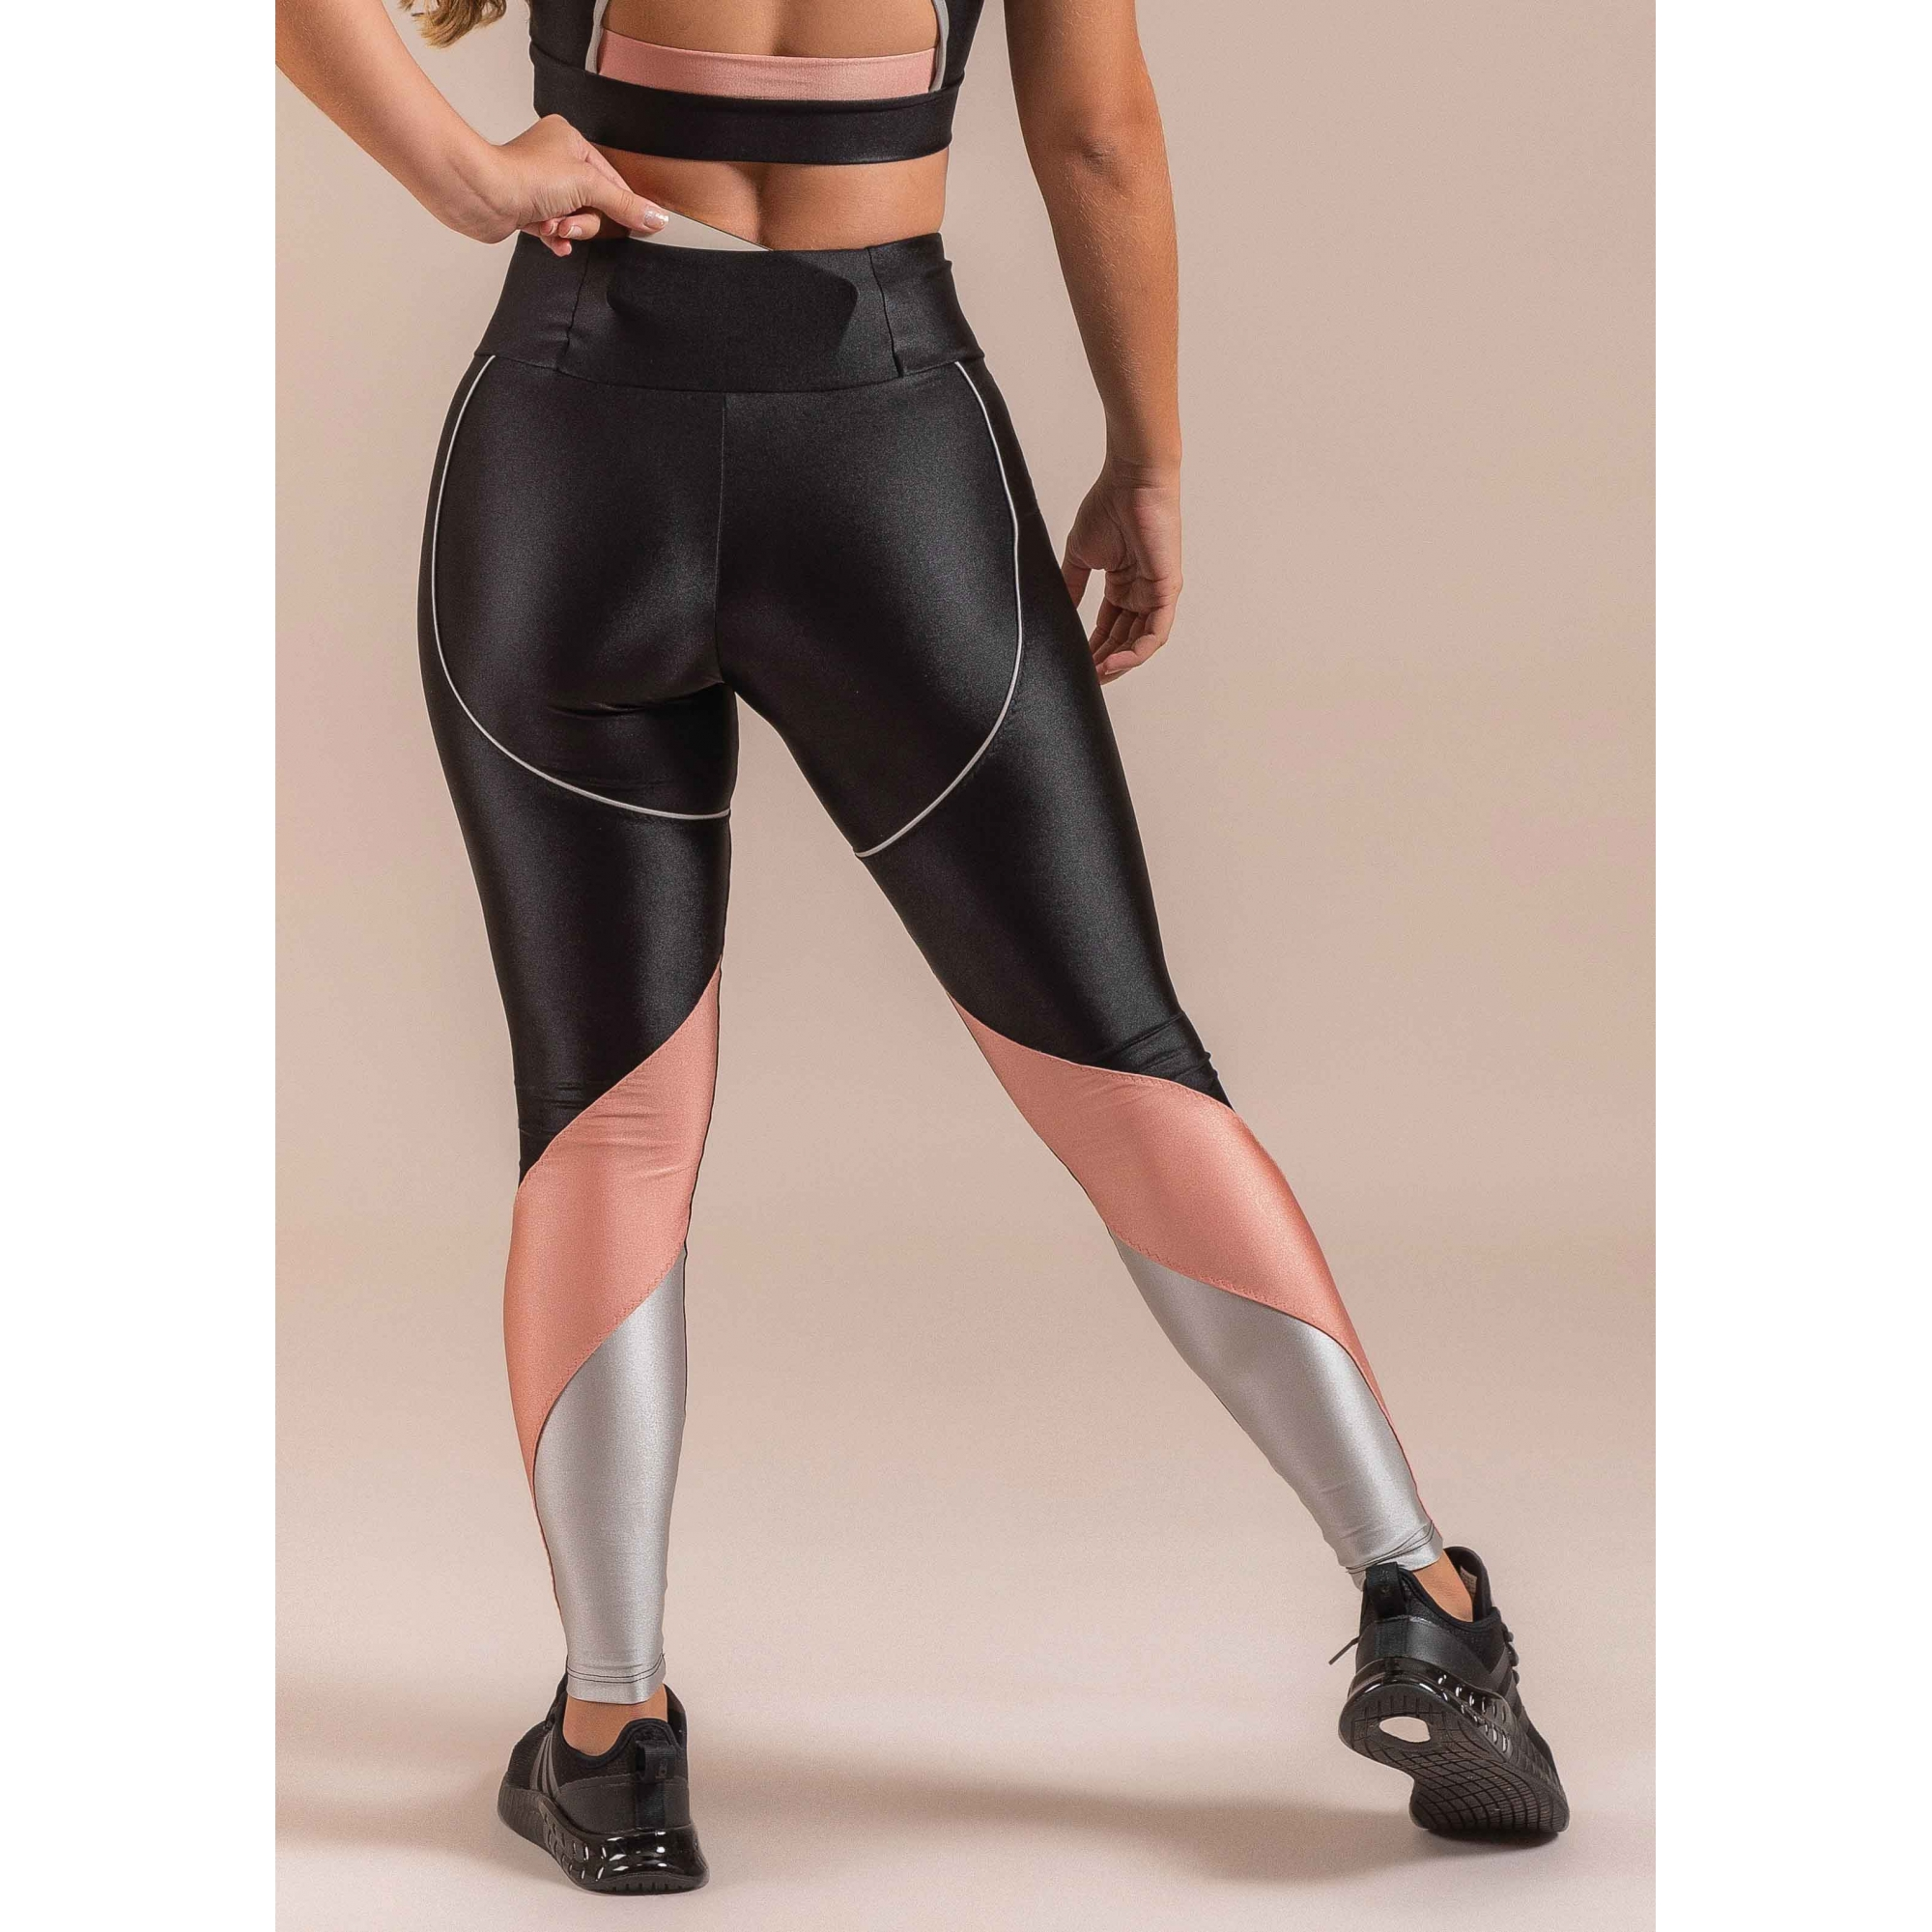 Legging Sport Cirre Tricolor E Bolso